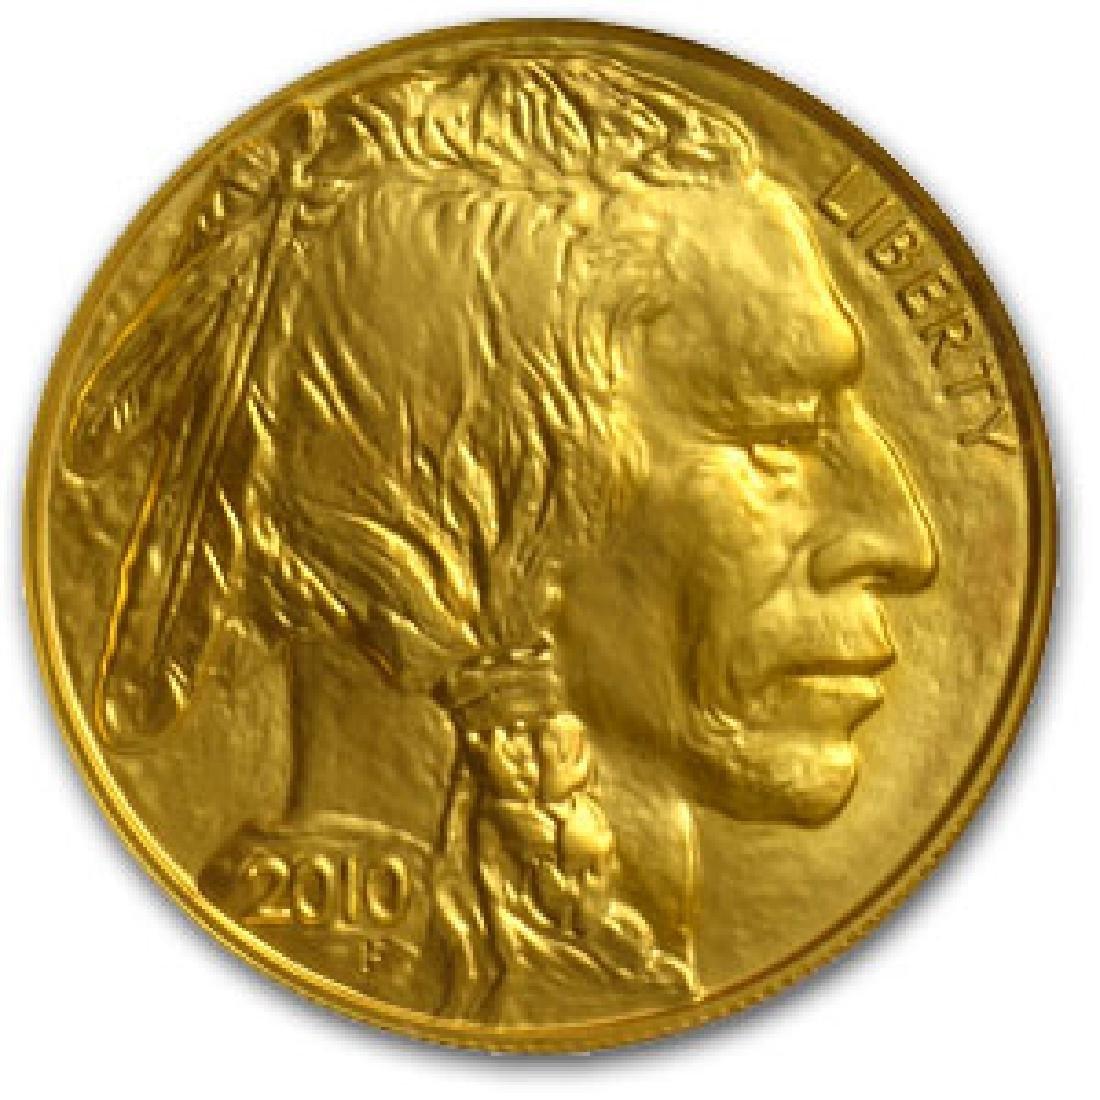 1 oz Gold Buffalo Bullion 24k Pure